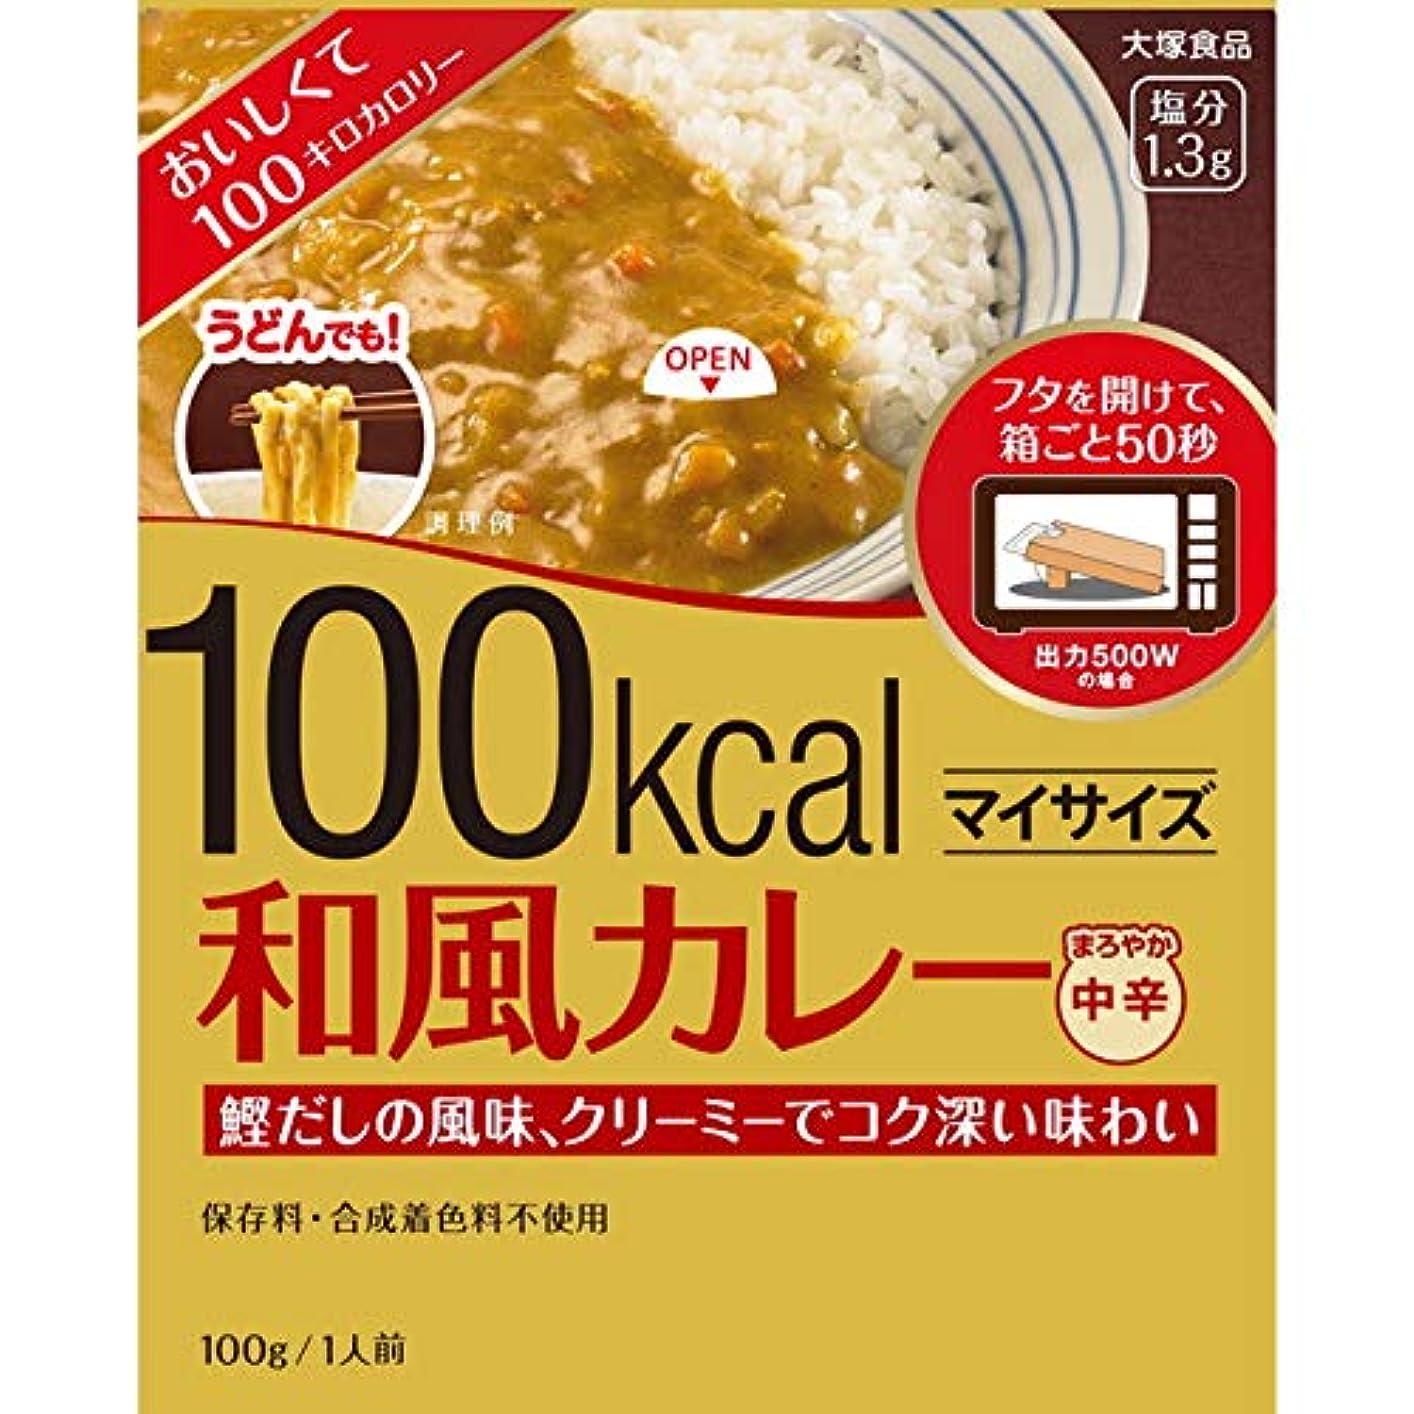 累計本物酸度大塚 マイサイズ 和風カレー 100g【5個セット】